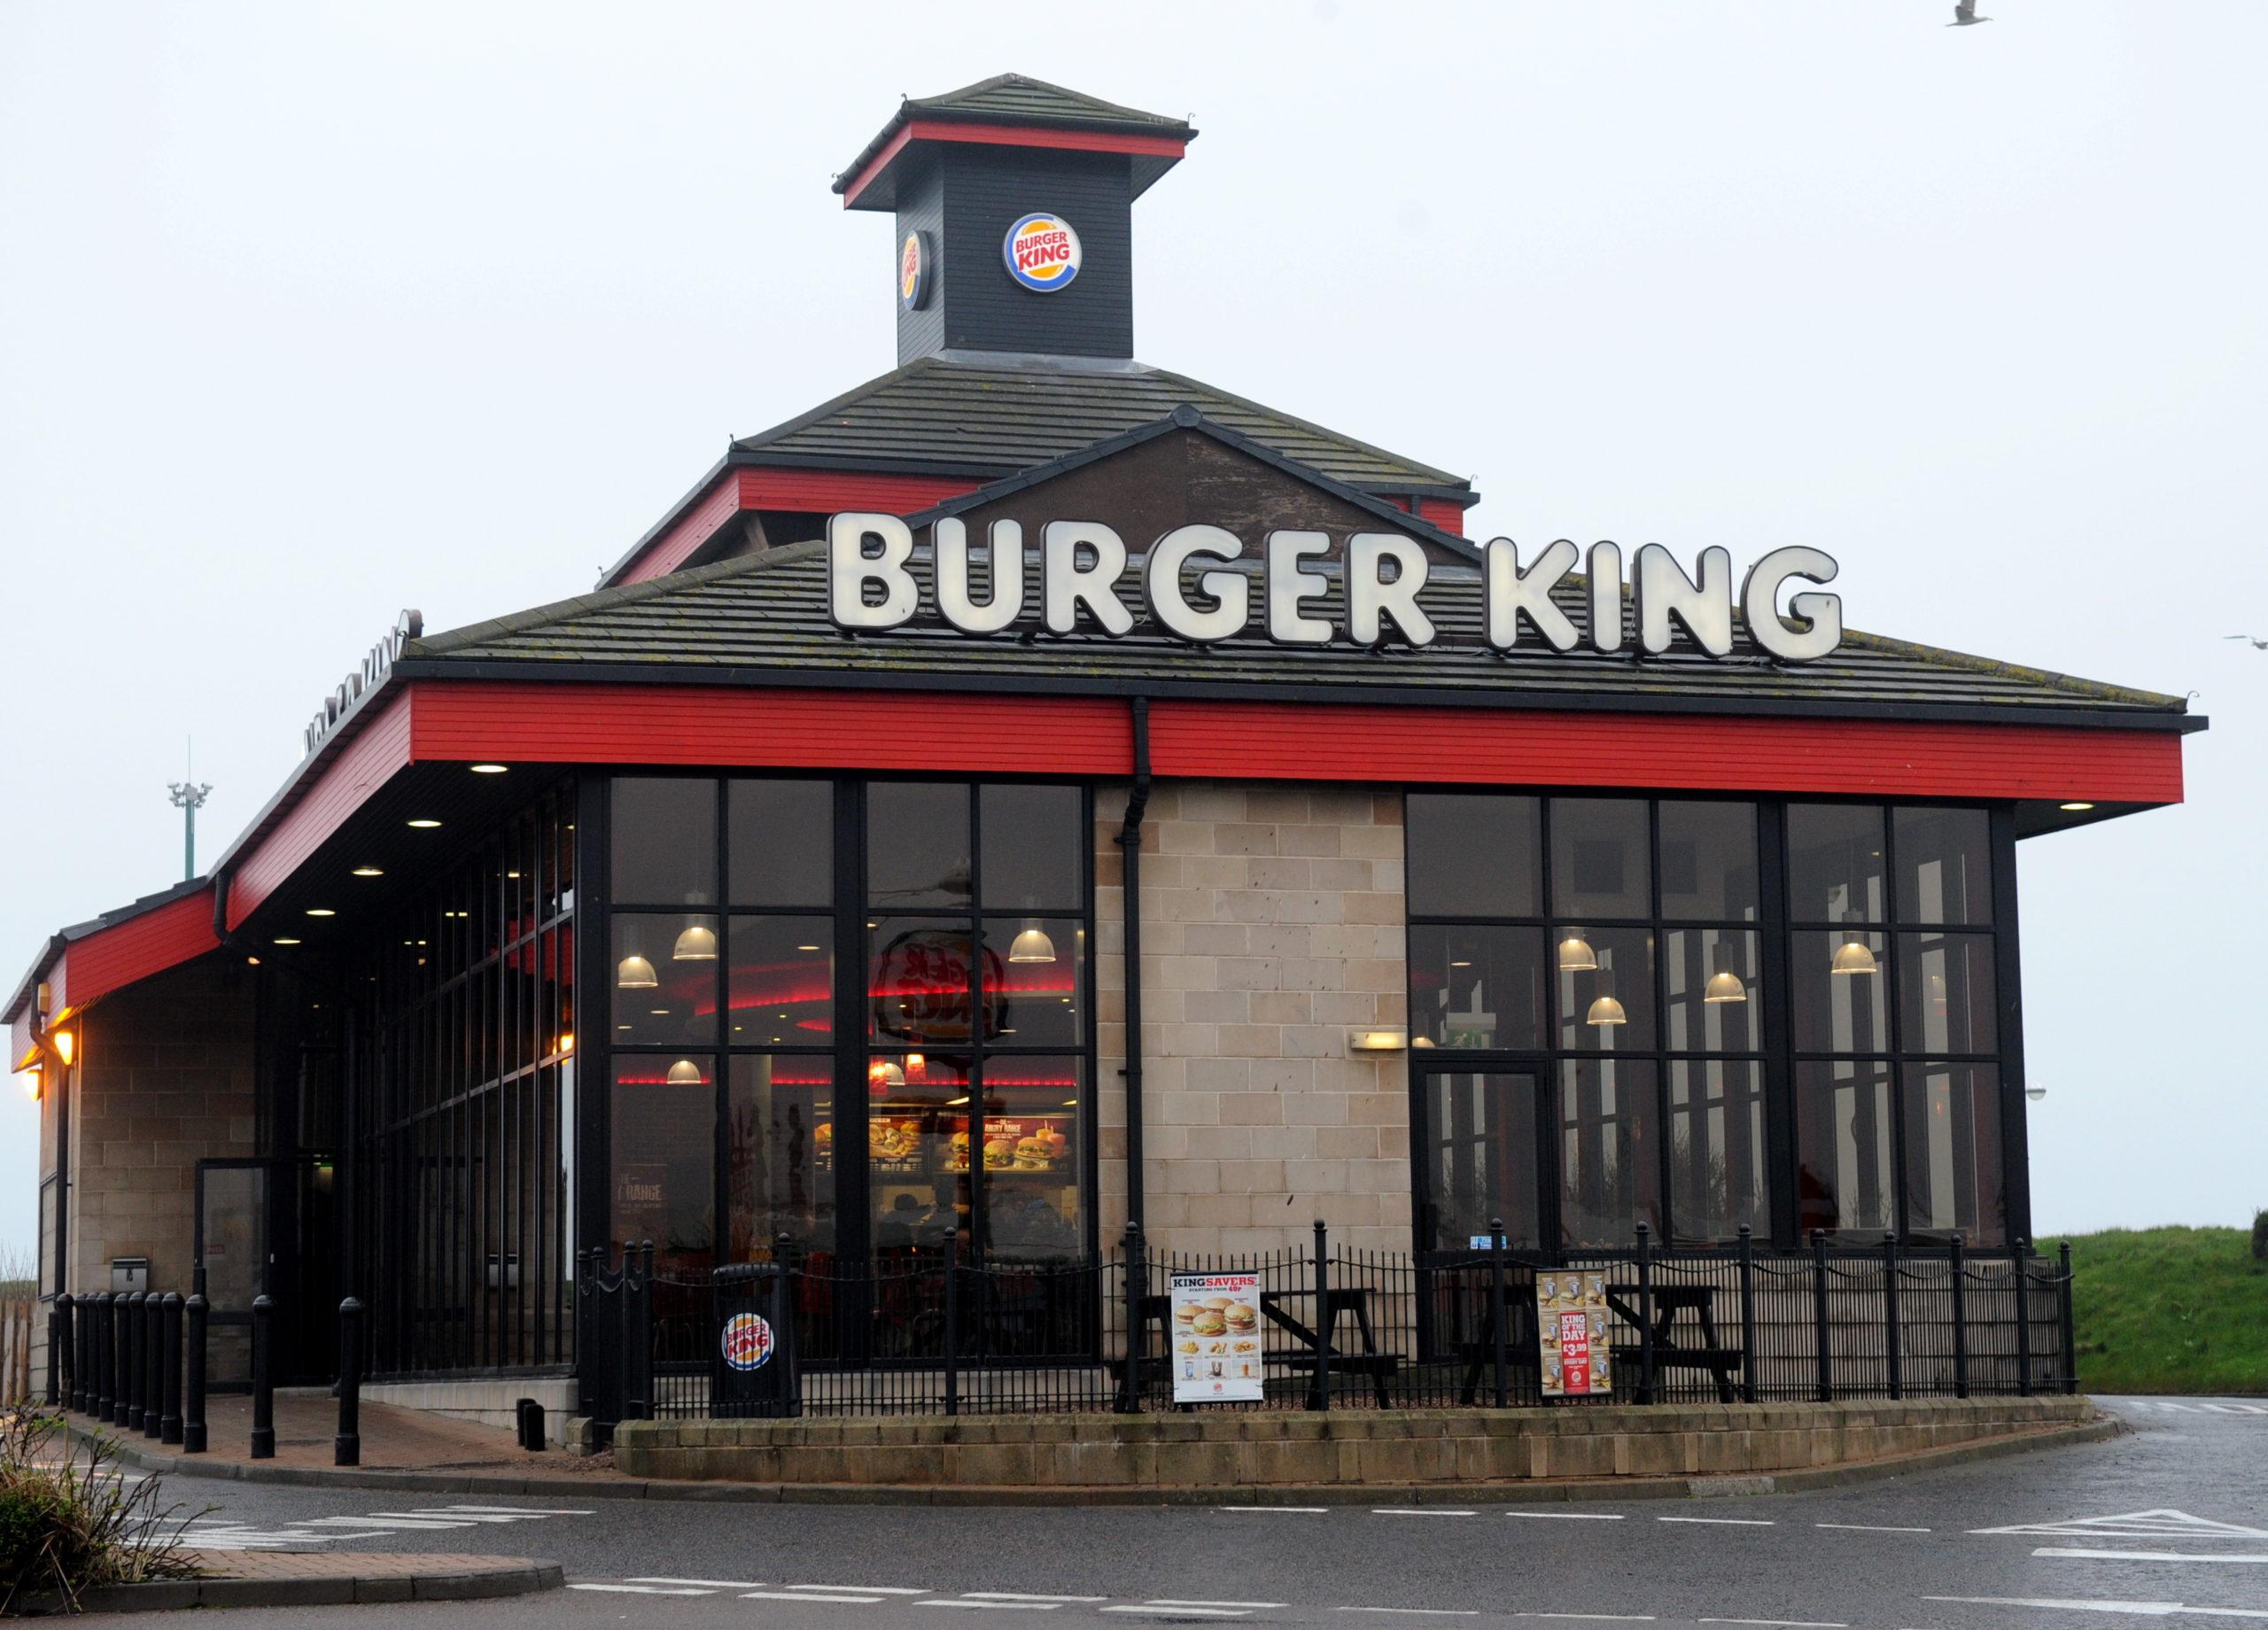 Burger King at Aberdeen's Queen's Links Leisure Park